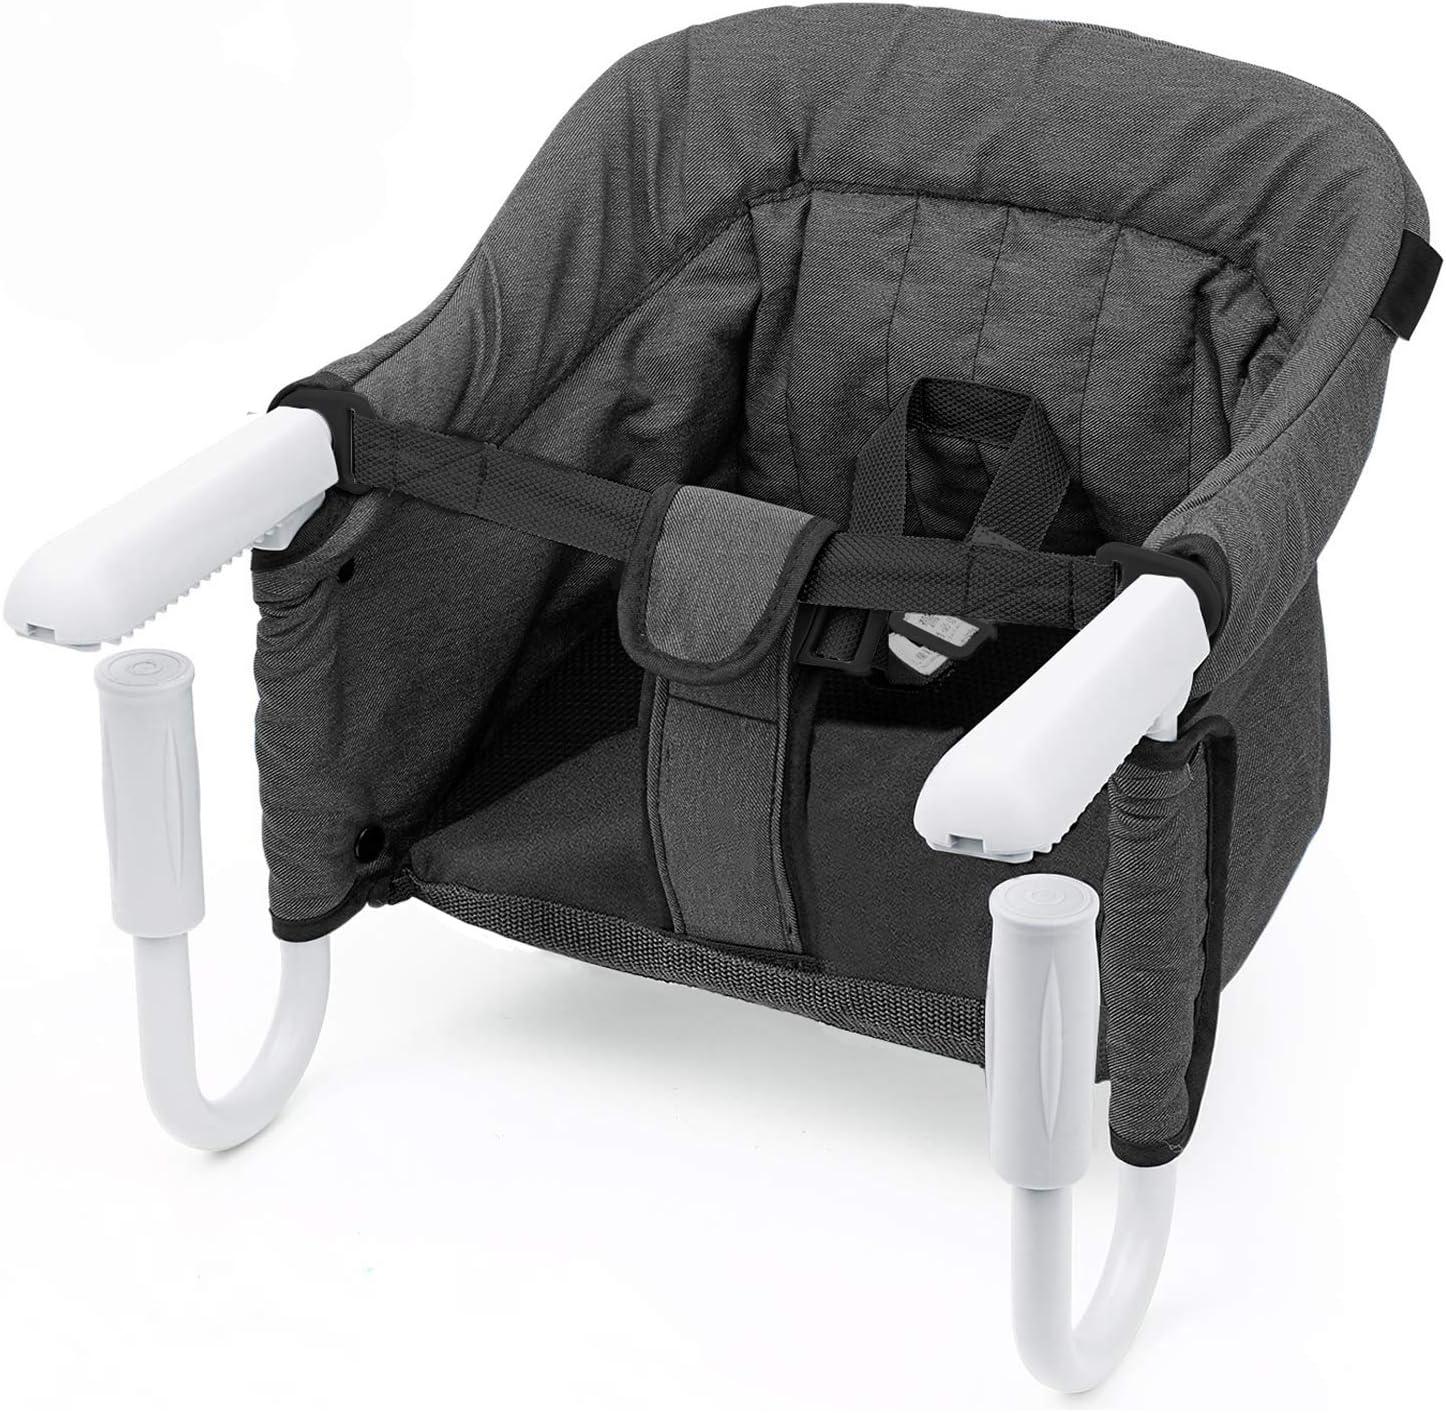 Mesa Asiento de mesa para bebé – plegable Trona de Viaje Arnés de 5 puntos, Sillita para bebé ajustable a la mesa …